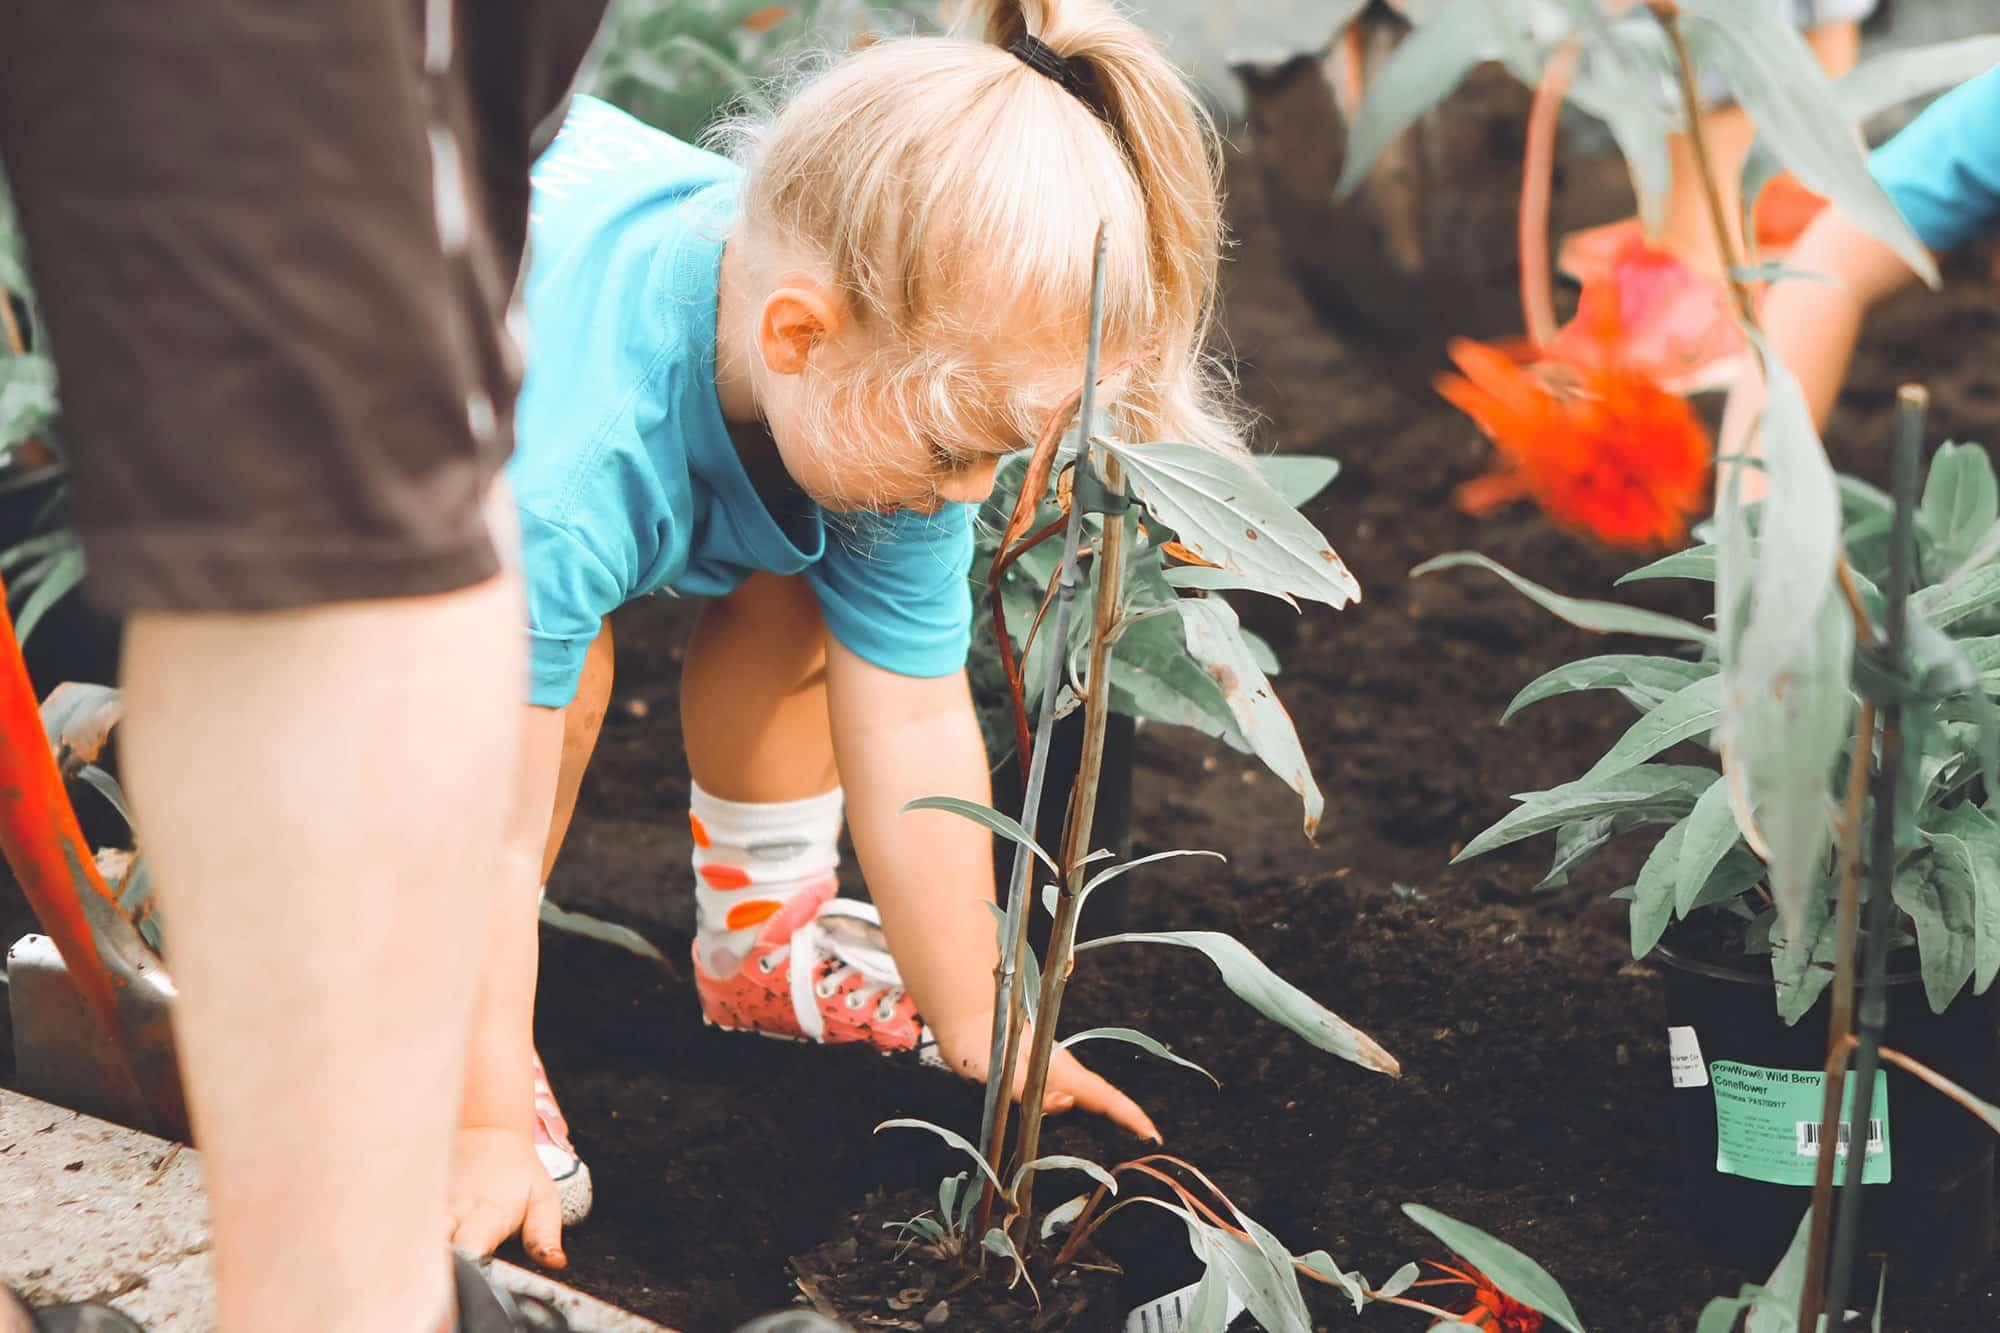 Ein Kind hilft den Eltern beim eingraben einer Pflanze